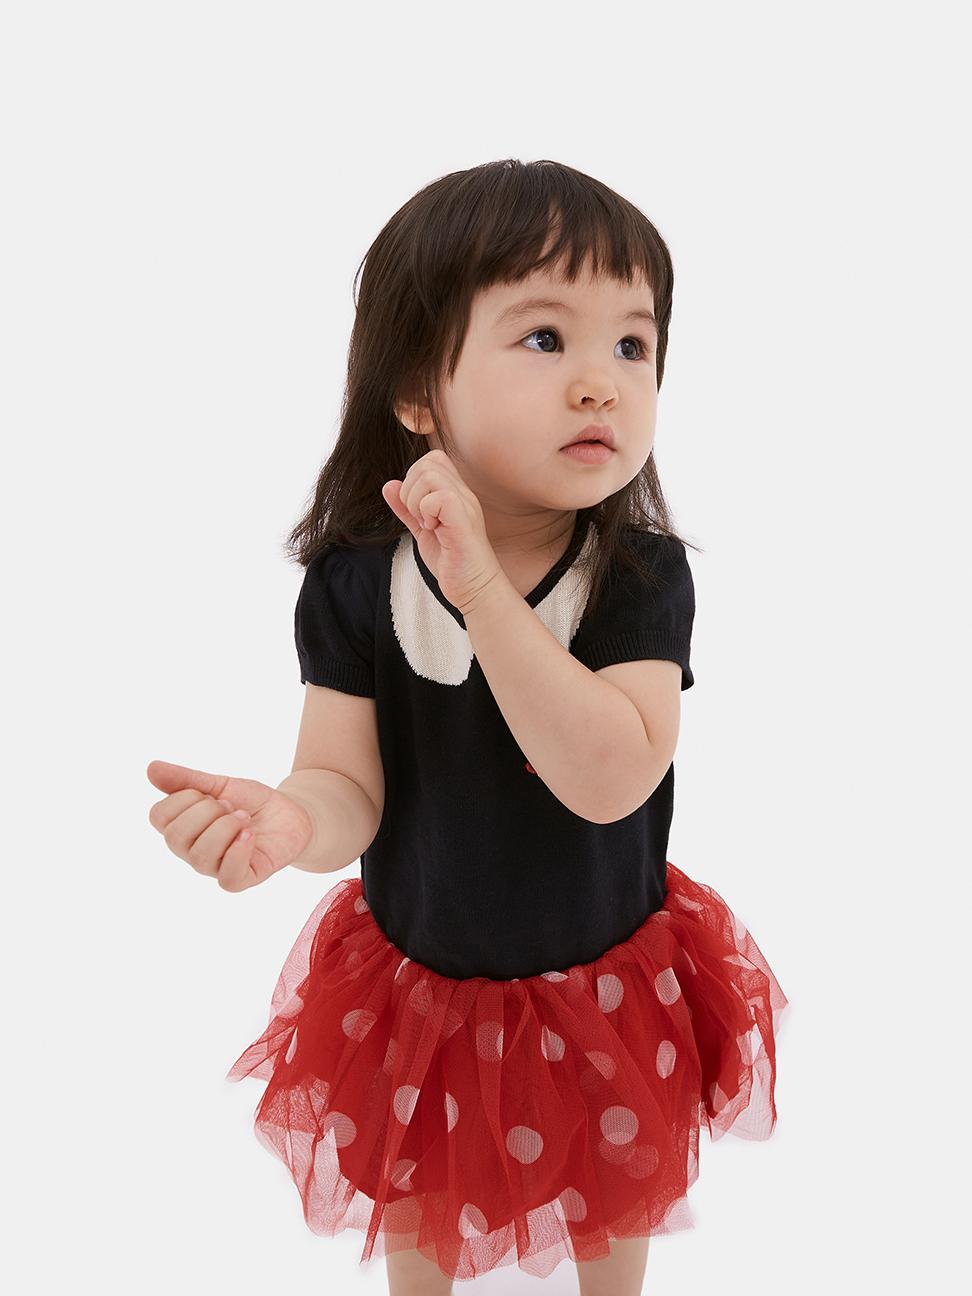 嬰兒 Gap x Disney 迪士尼系列甜美風格拼接紗裙洋裝